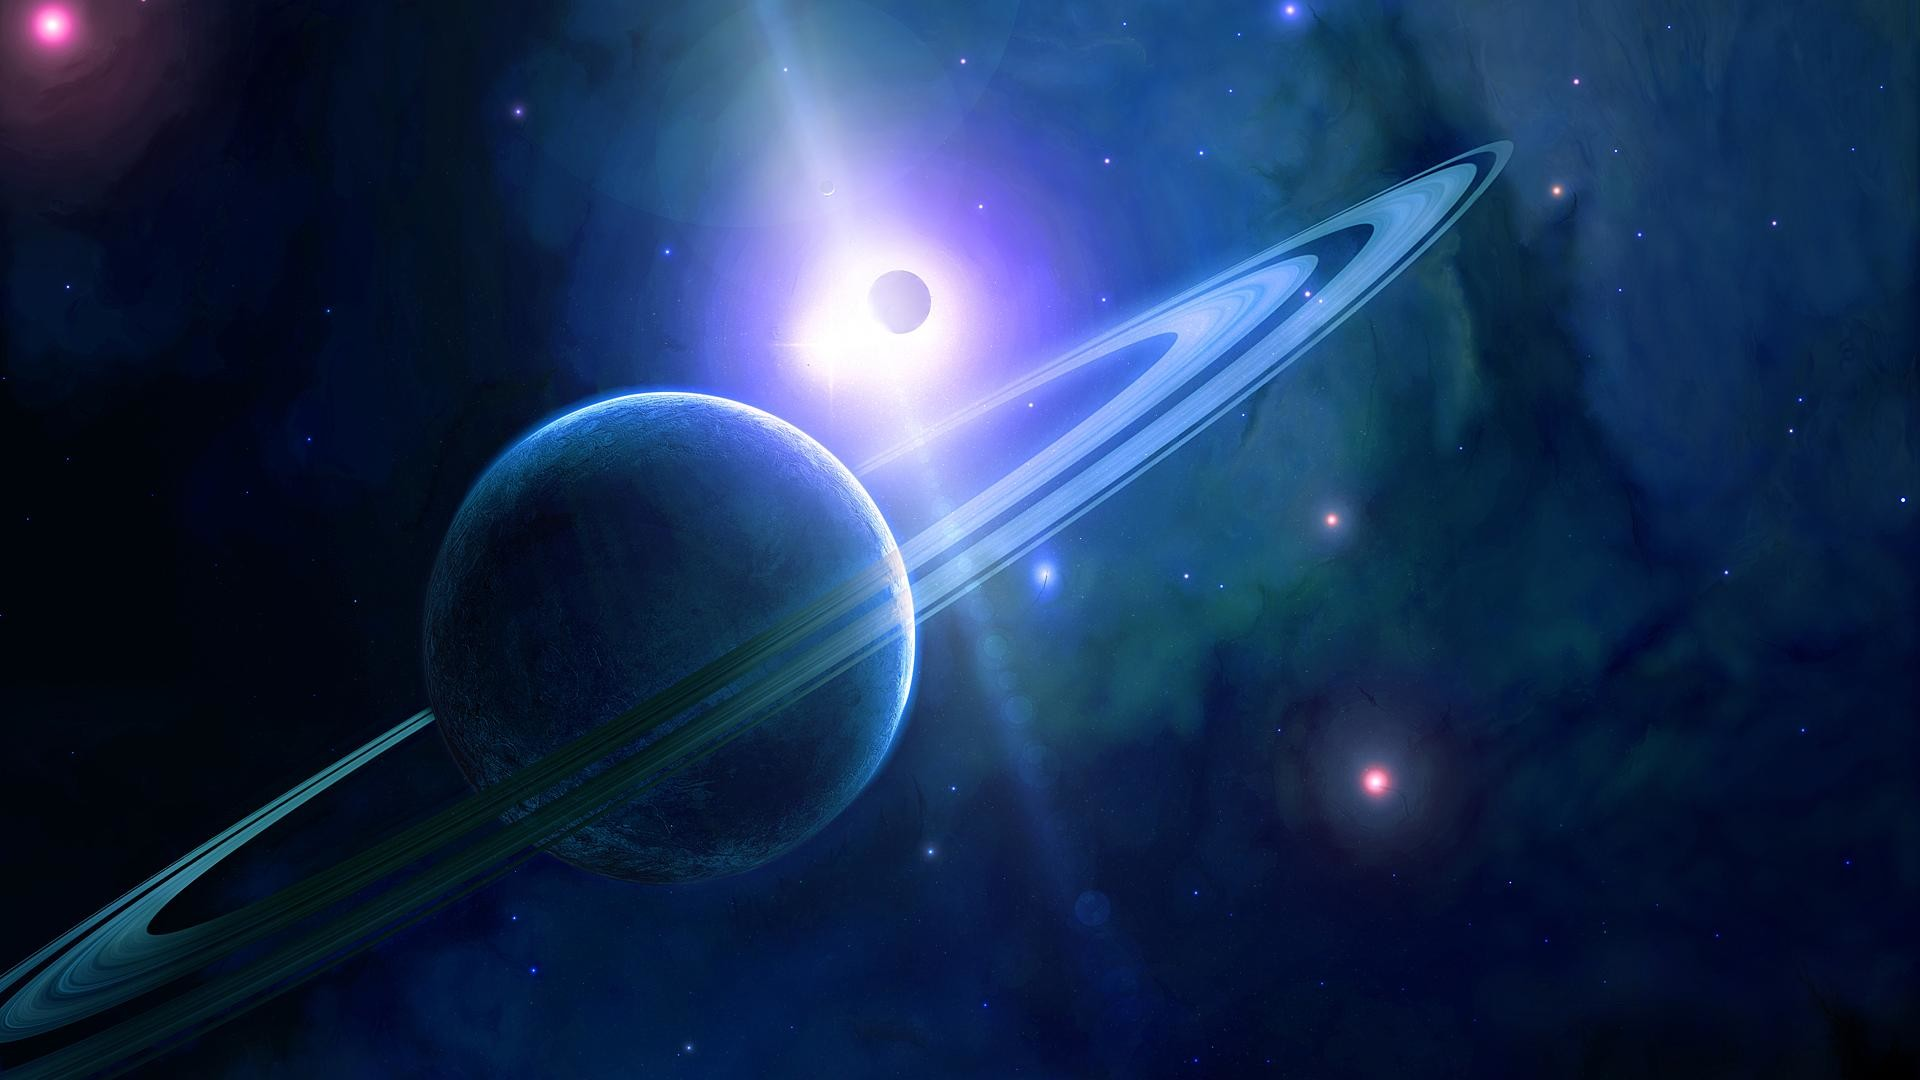 space wallpaper – Space Wallpaper (32897707) – Fanpop